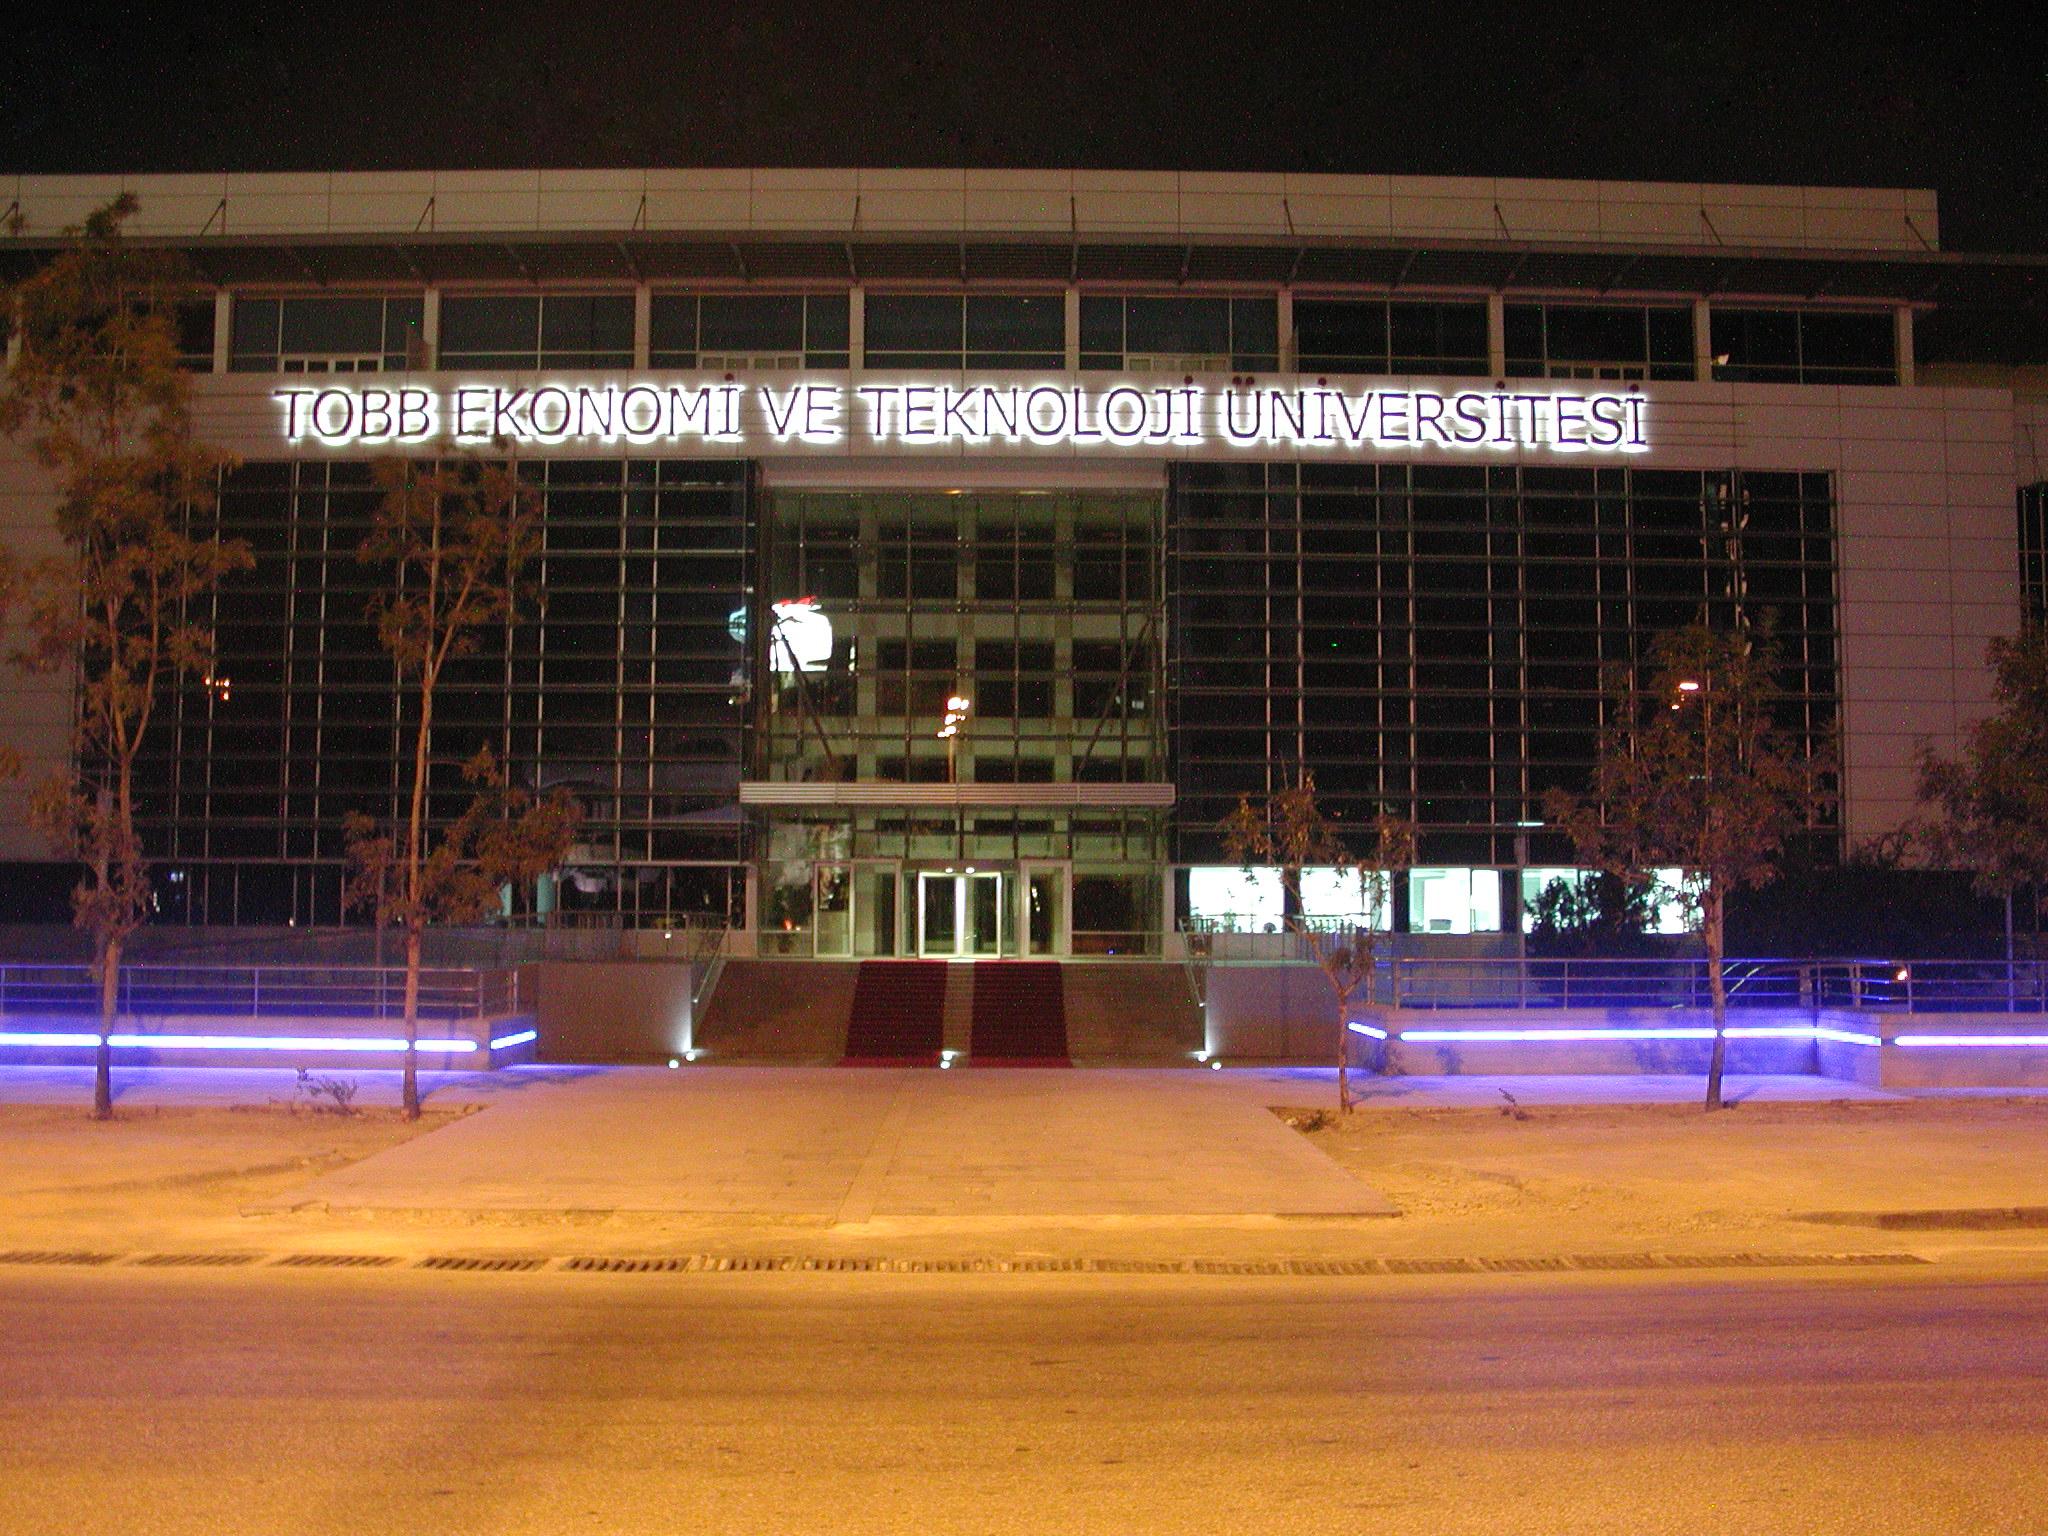 TOBB Economy & Technology University